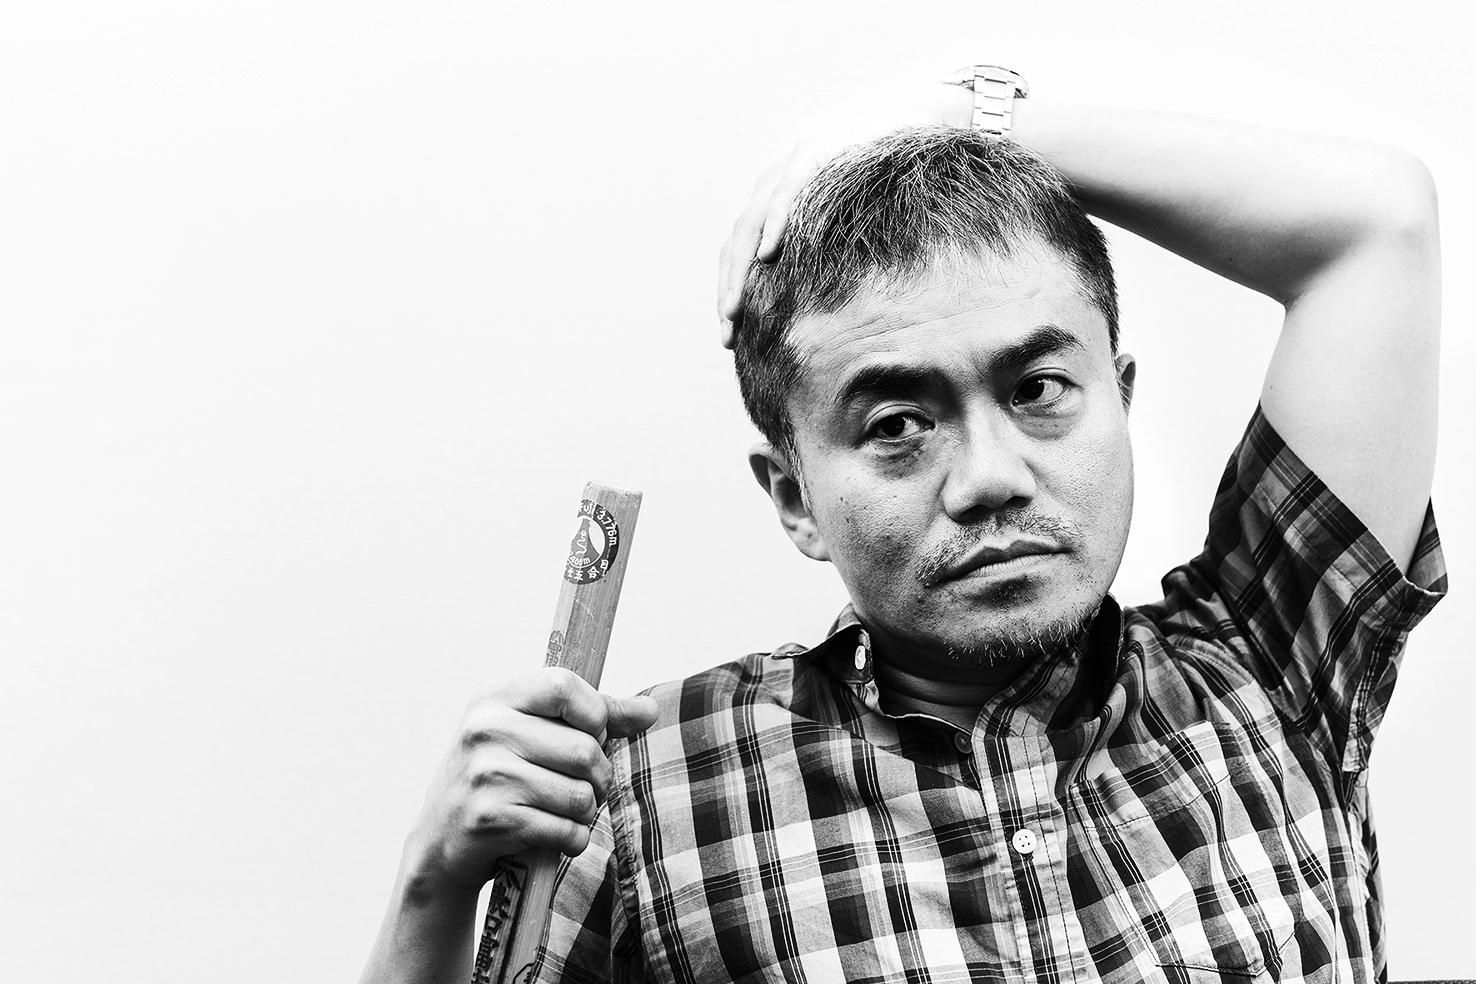 Suidoubashi Hakase – comedian